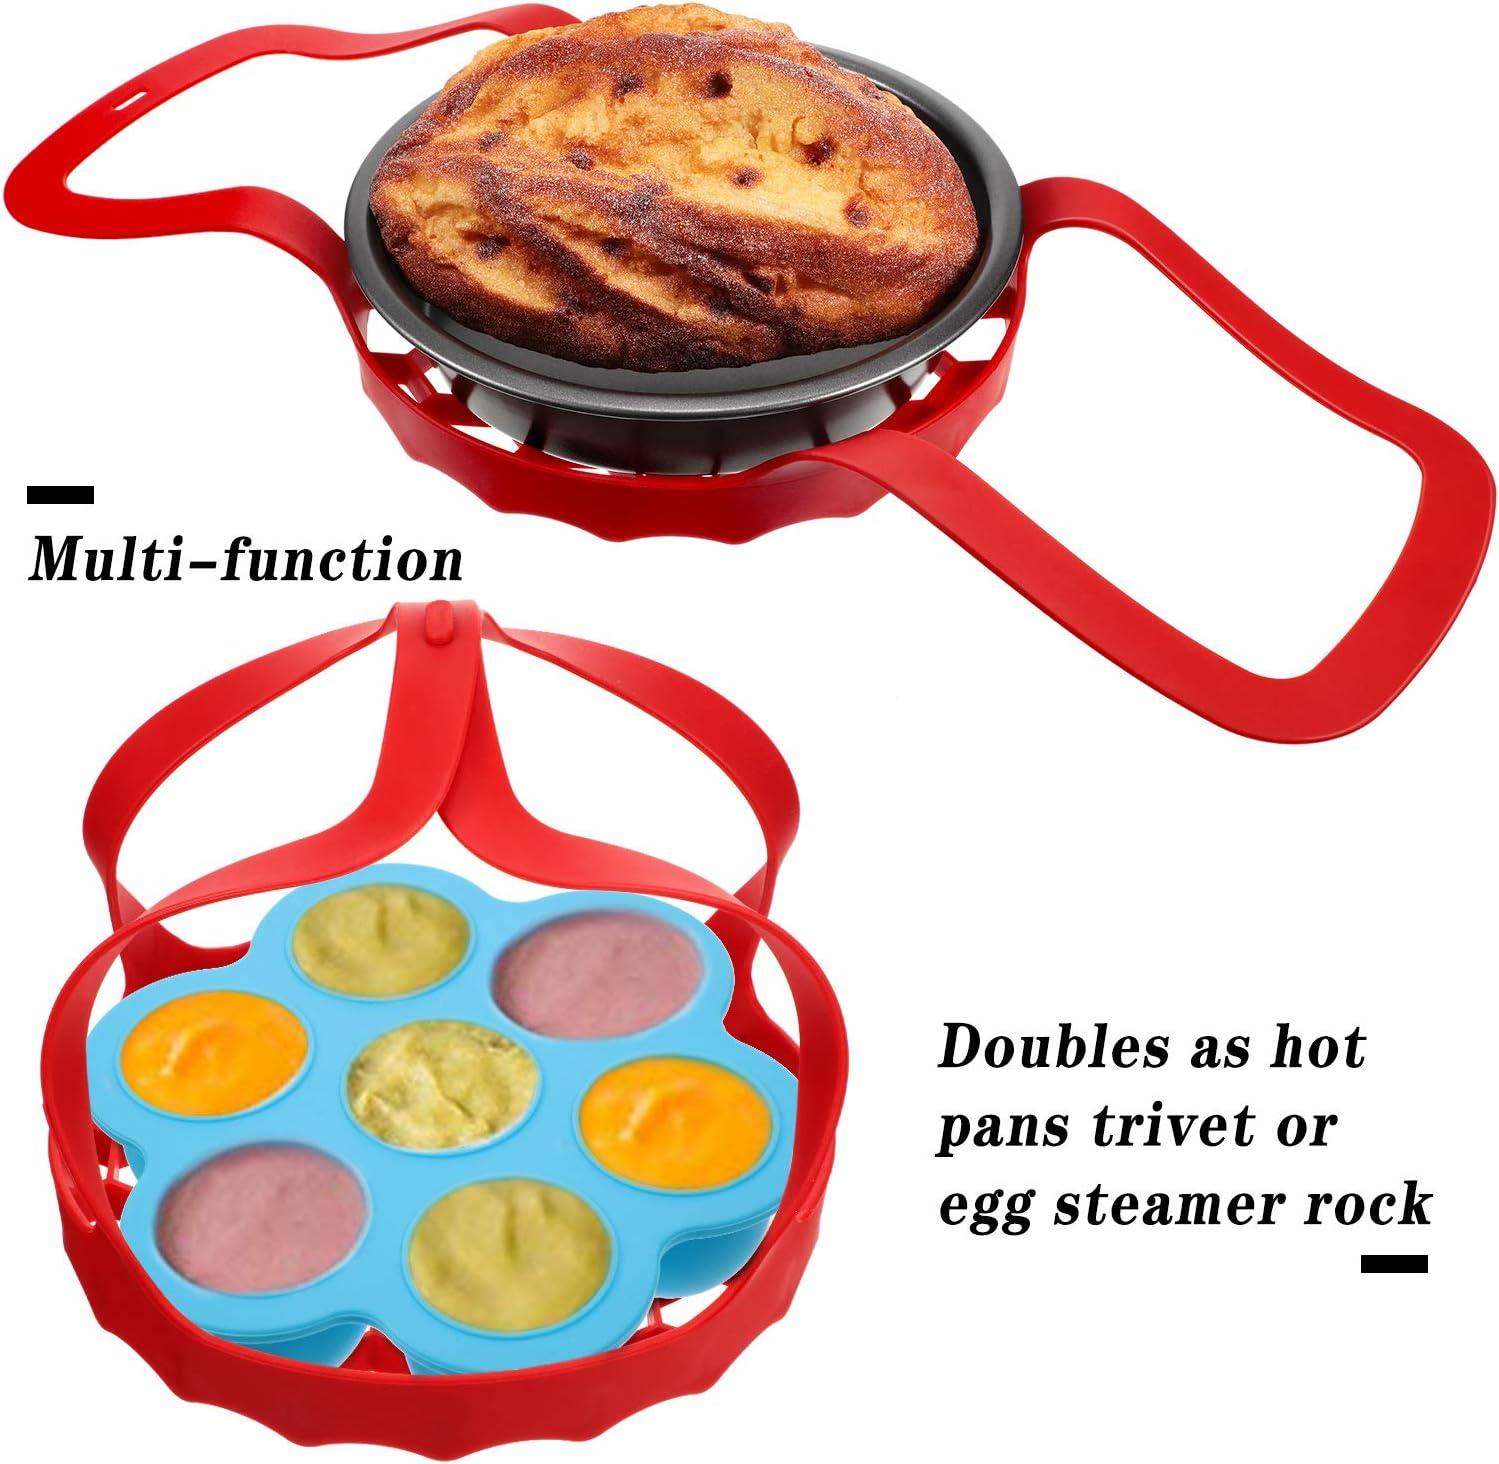 Silikon Schnellkochtopf Schlinge Eier Backformen Heber und Eier Bei/ßt Schimmel Eierpfanne mit Deckel Kompatibel mit Meisten Multifunktion Kocher